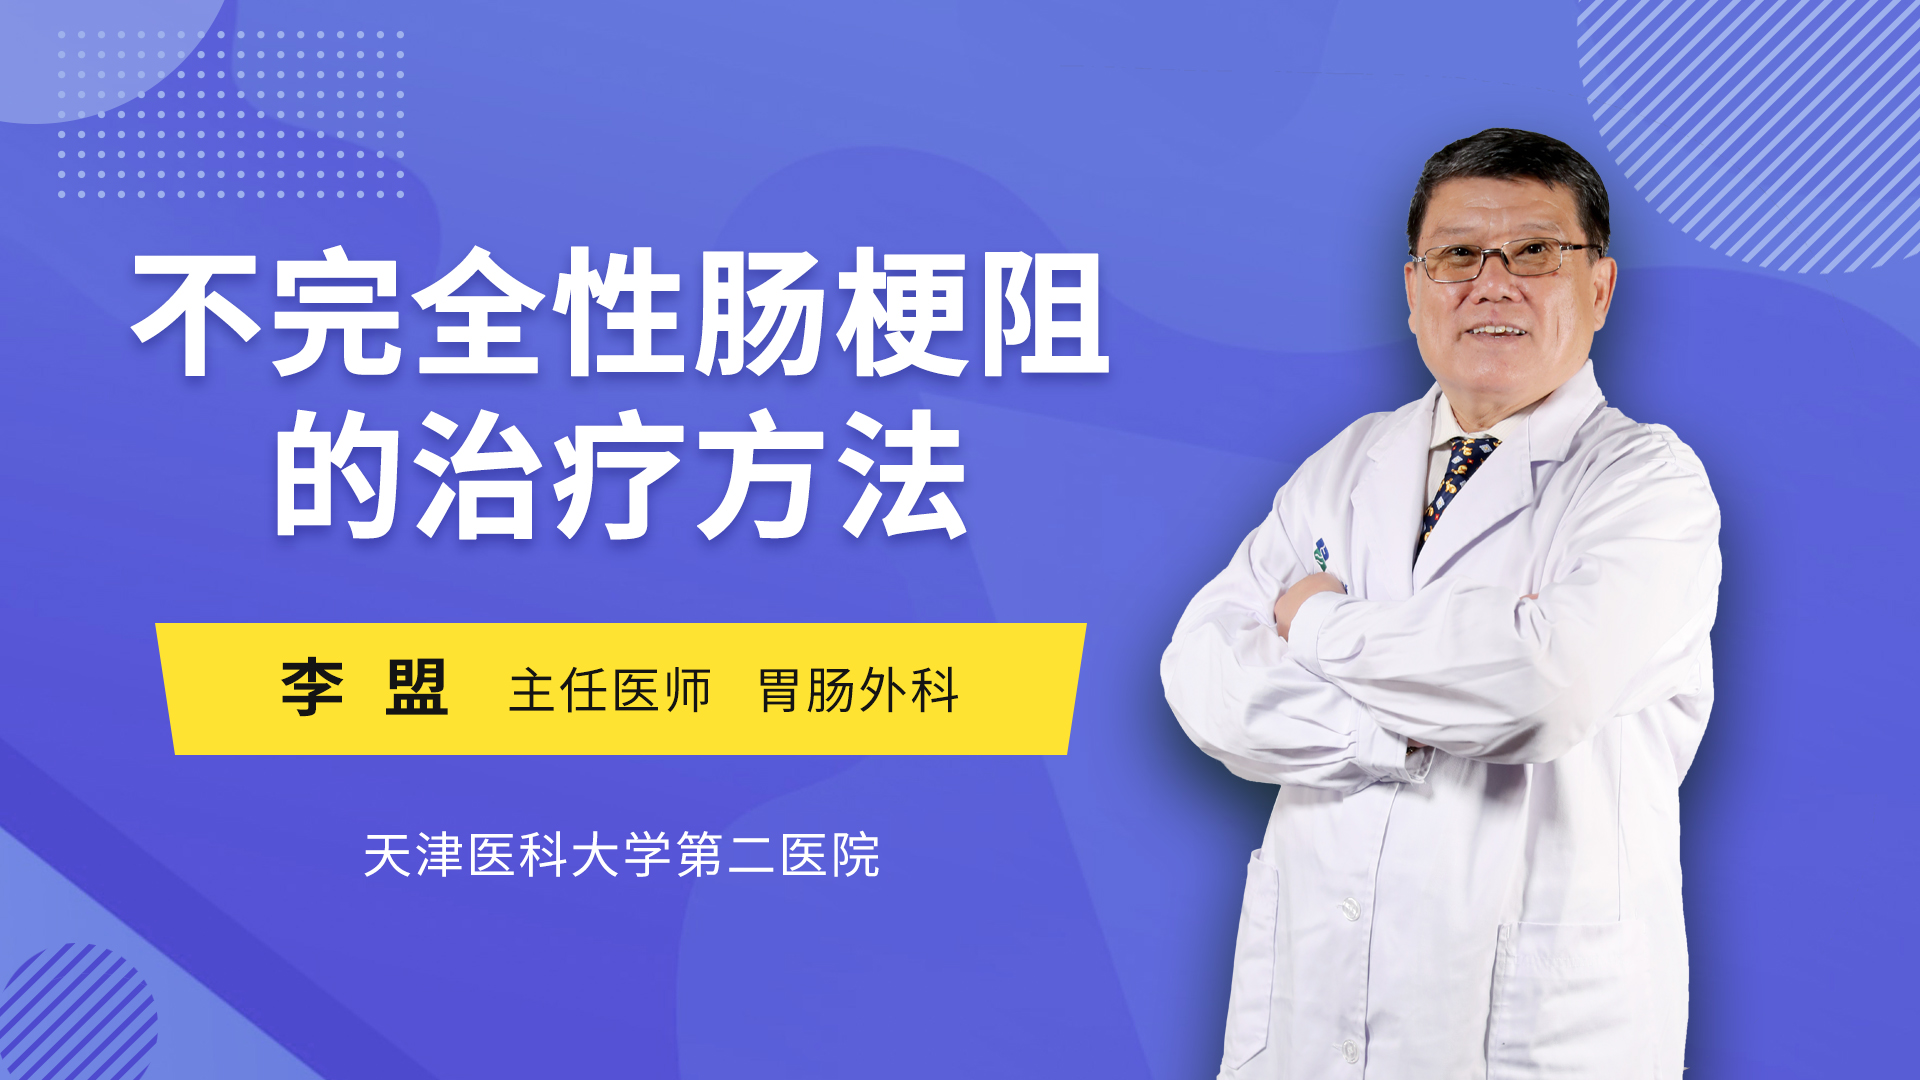 不完全性肠梗阻的治疗方法